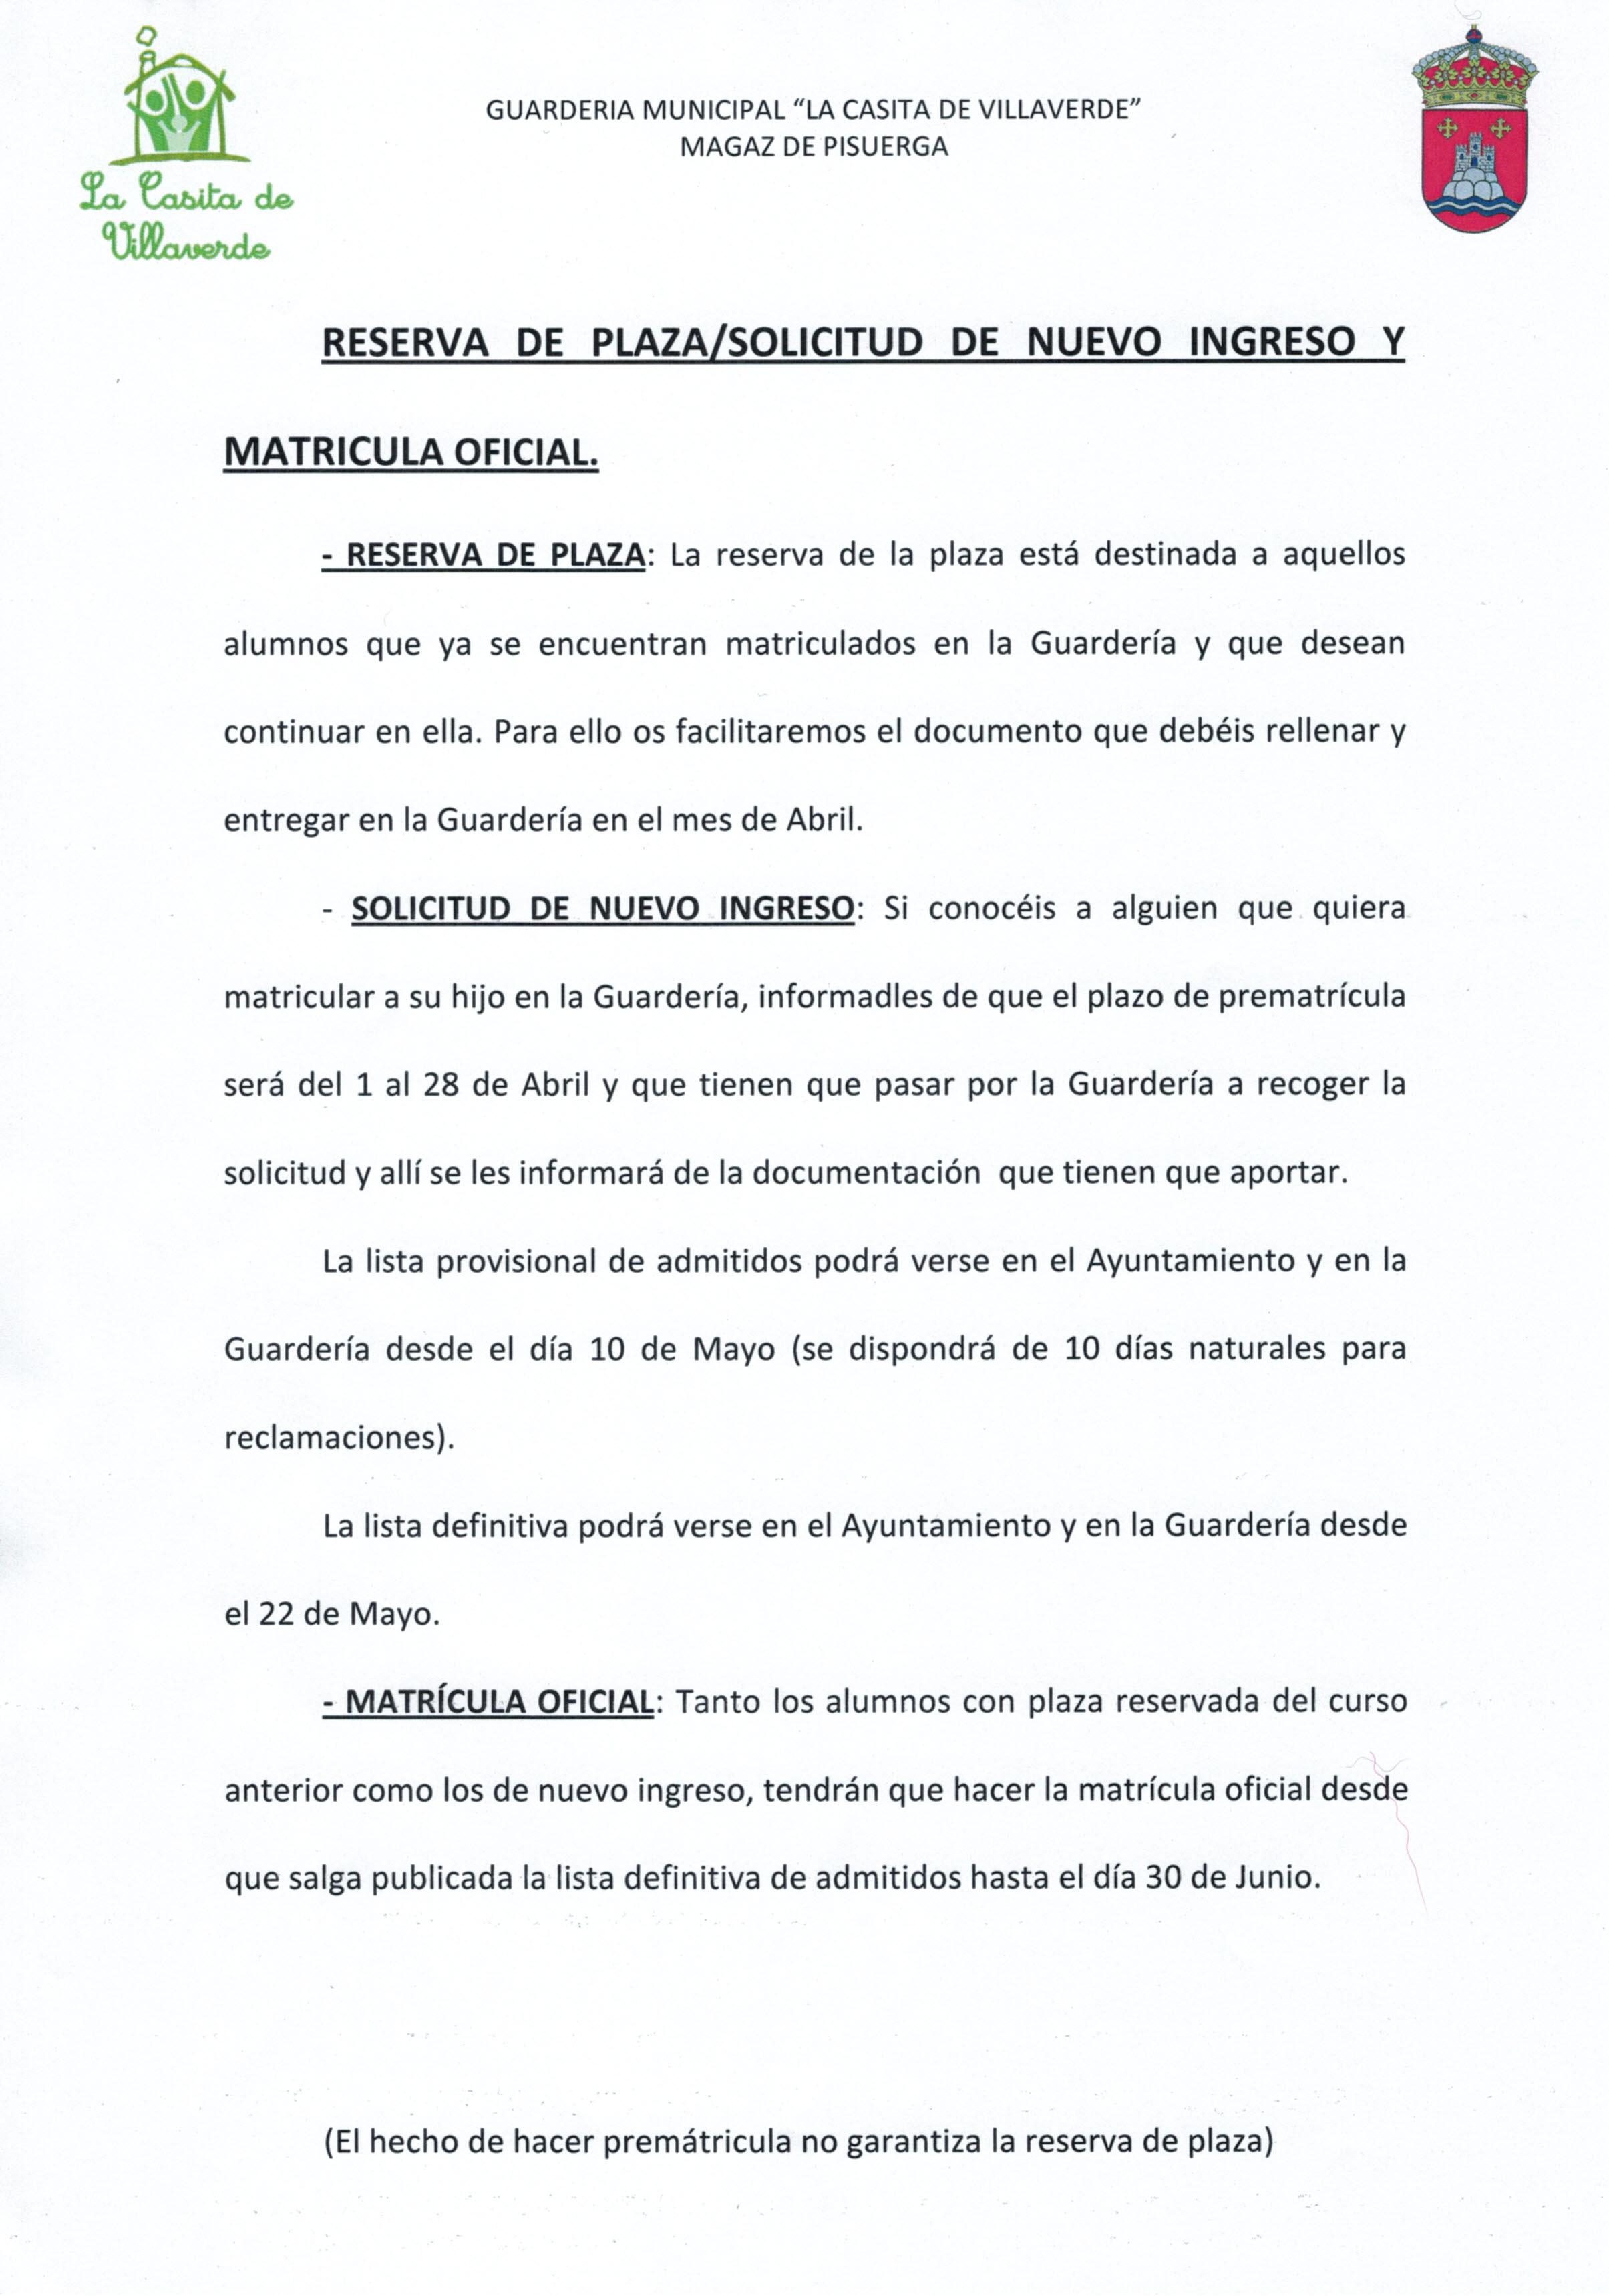 Guardería Municipal «La Casita de Villaverde» – Reserva de plaza/solicitud de nuevo ingreso